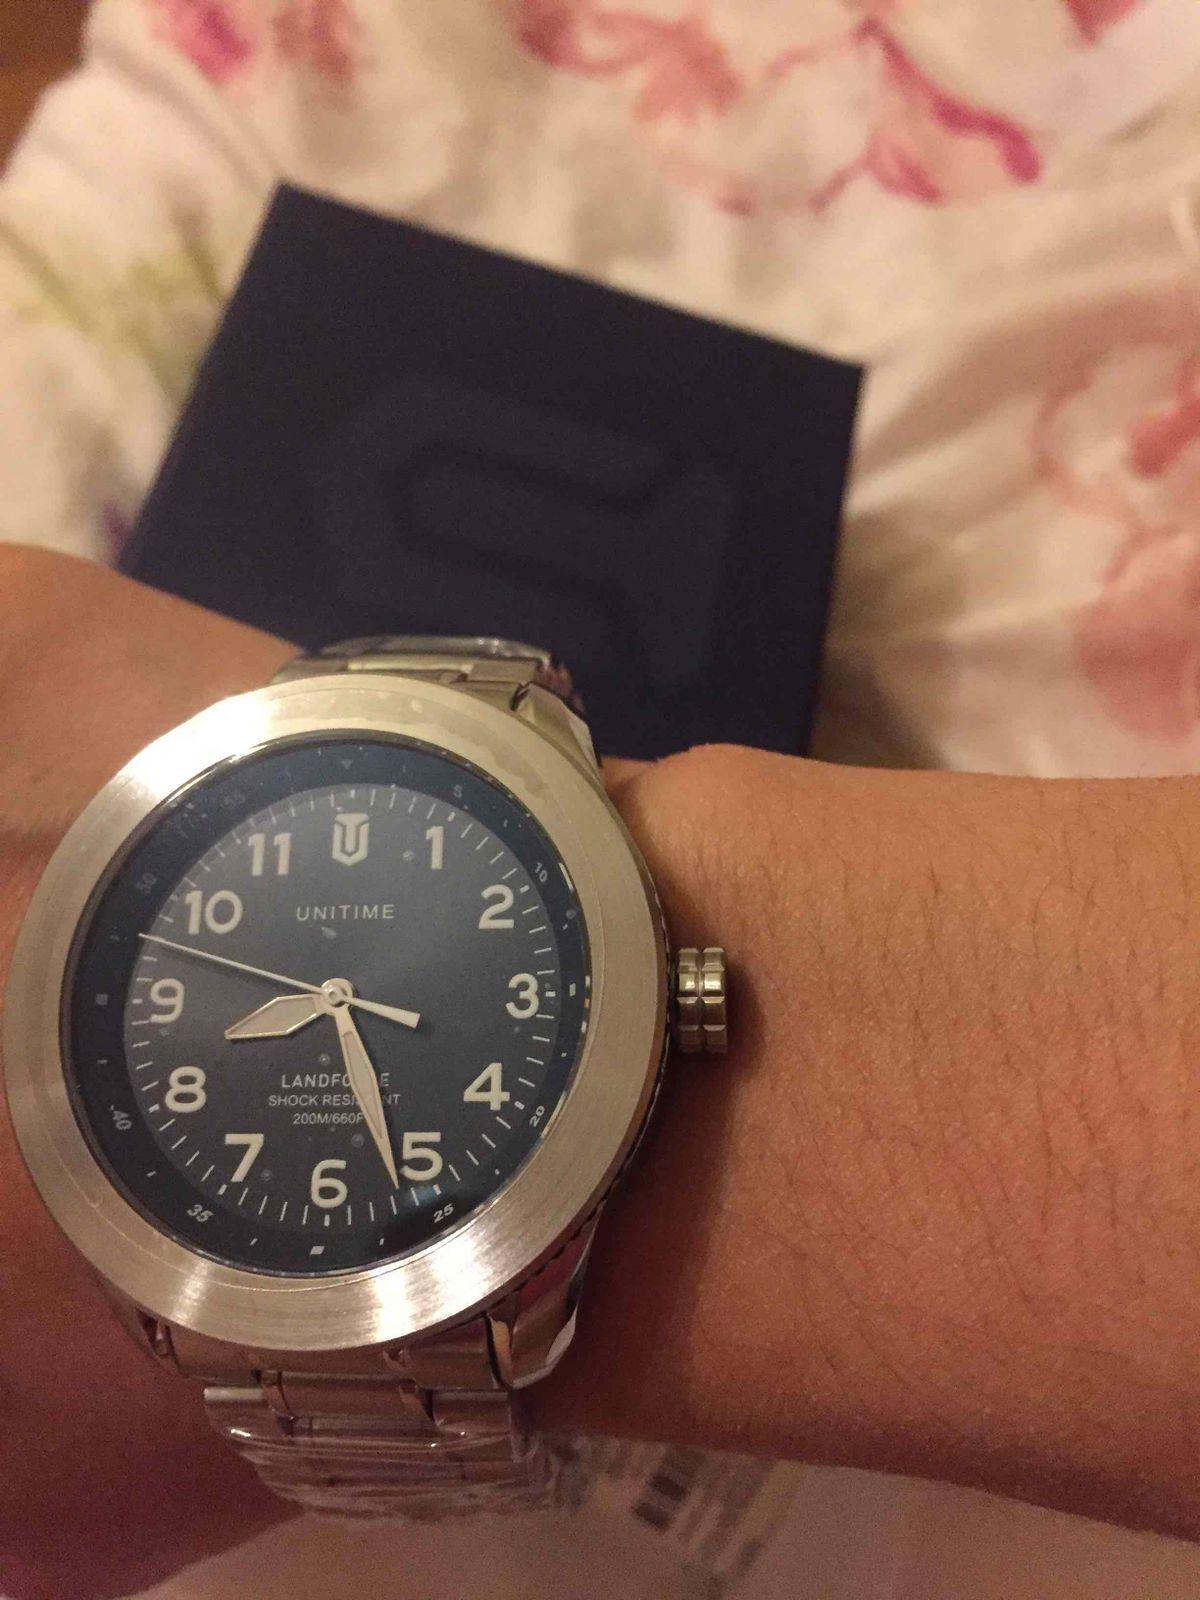 Часы очень хорошие и хорошее качество и хорошо смотрятся на руке, стильно😎